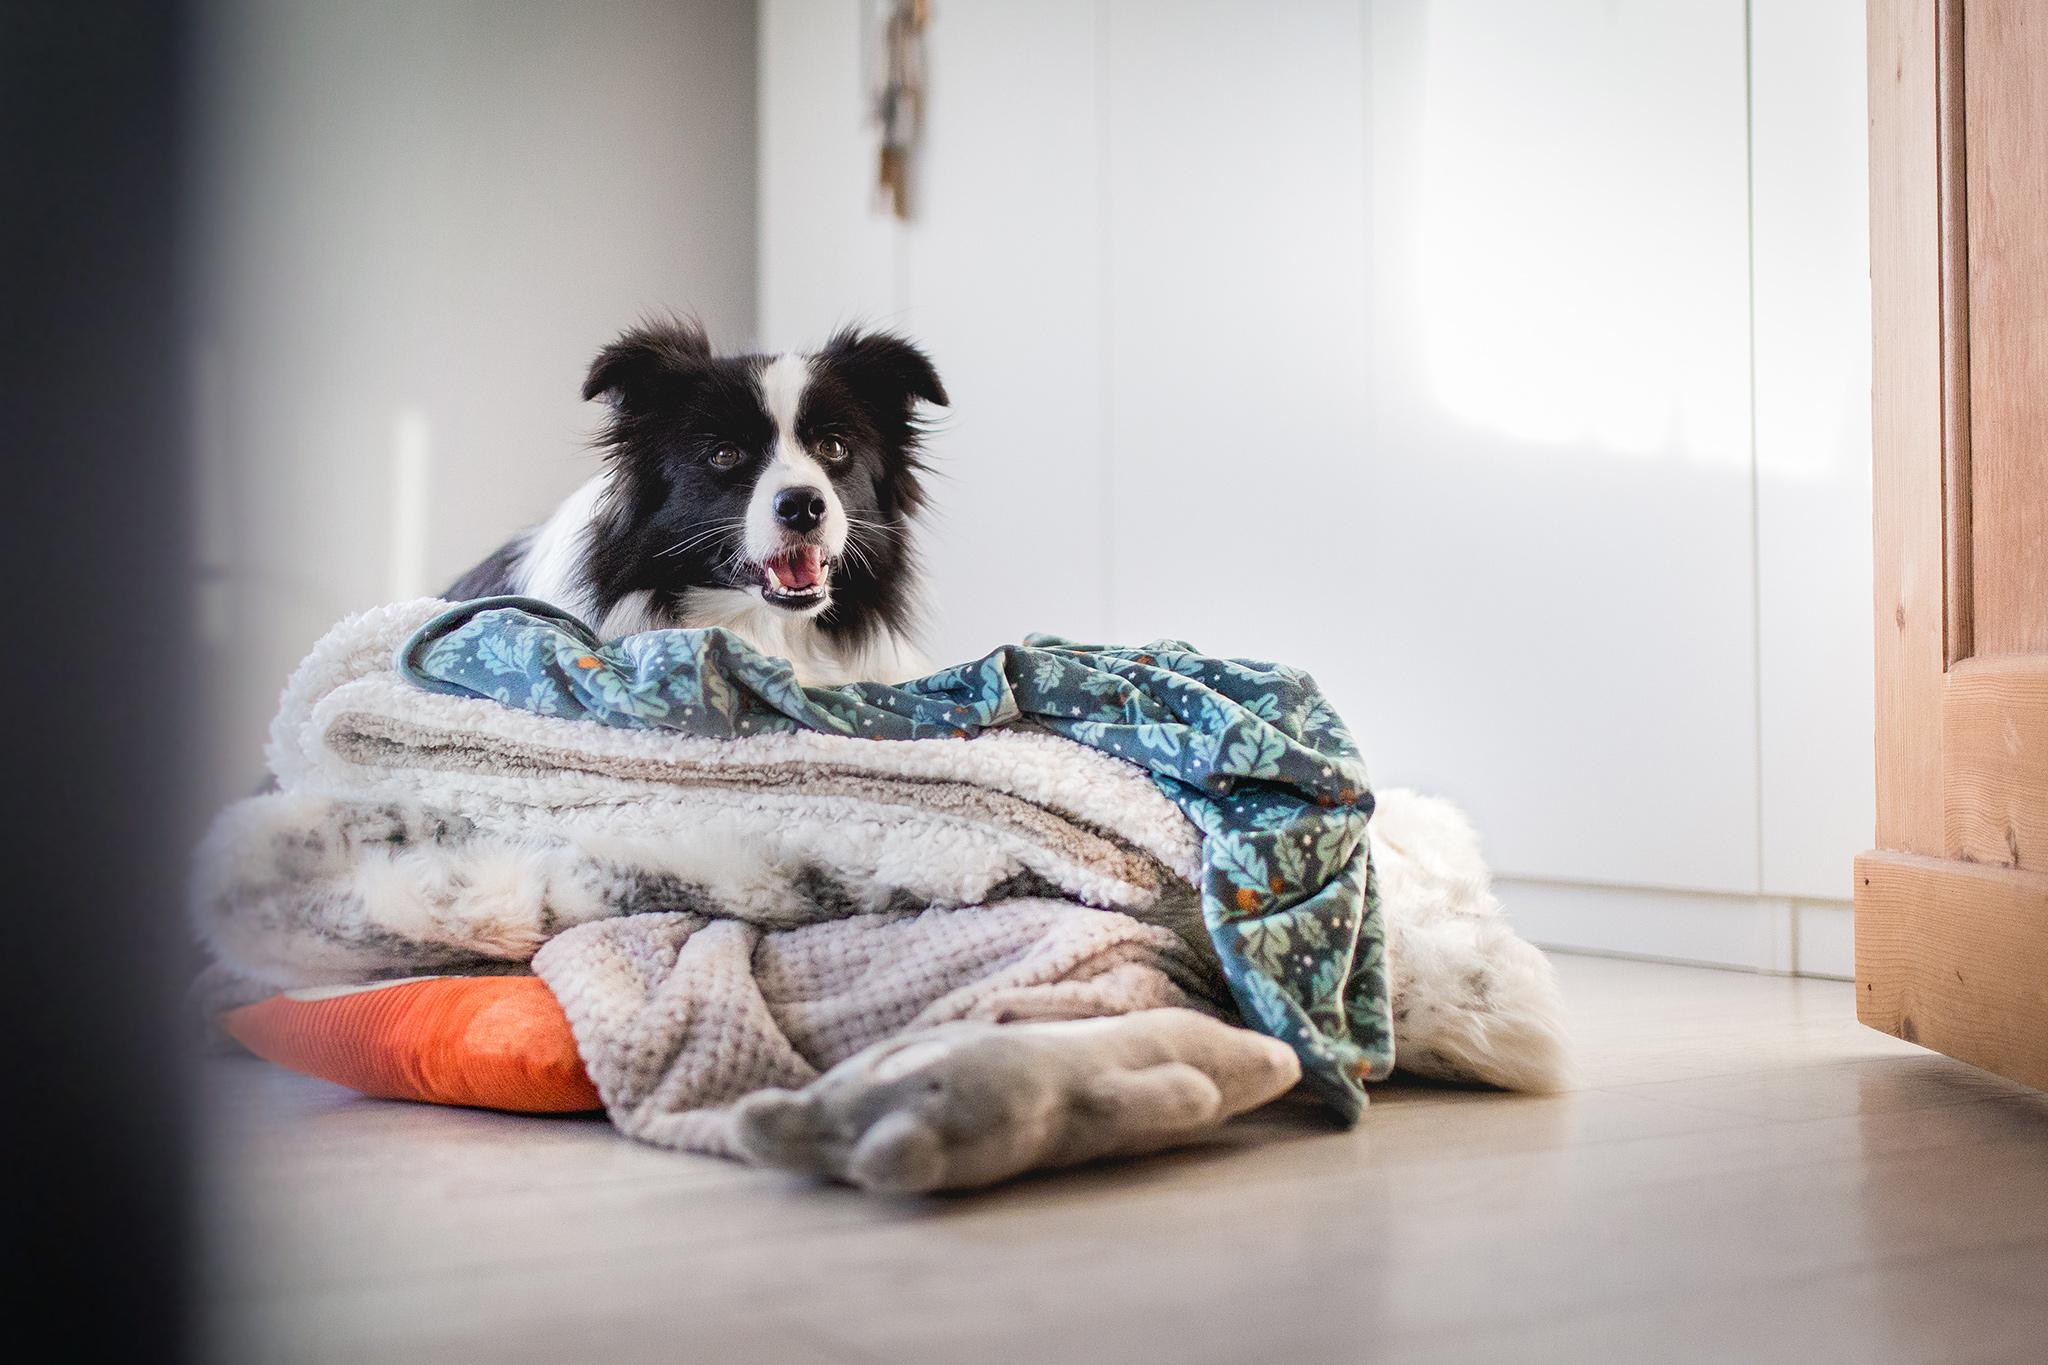 Trächtige Border Collie Hündin liegt auf einem Stapel Decken